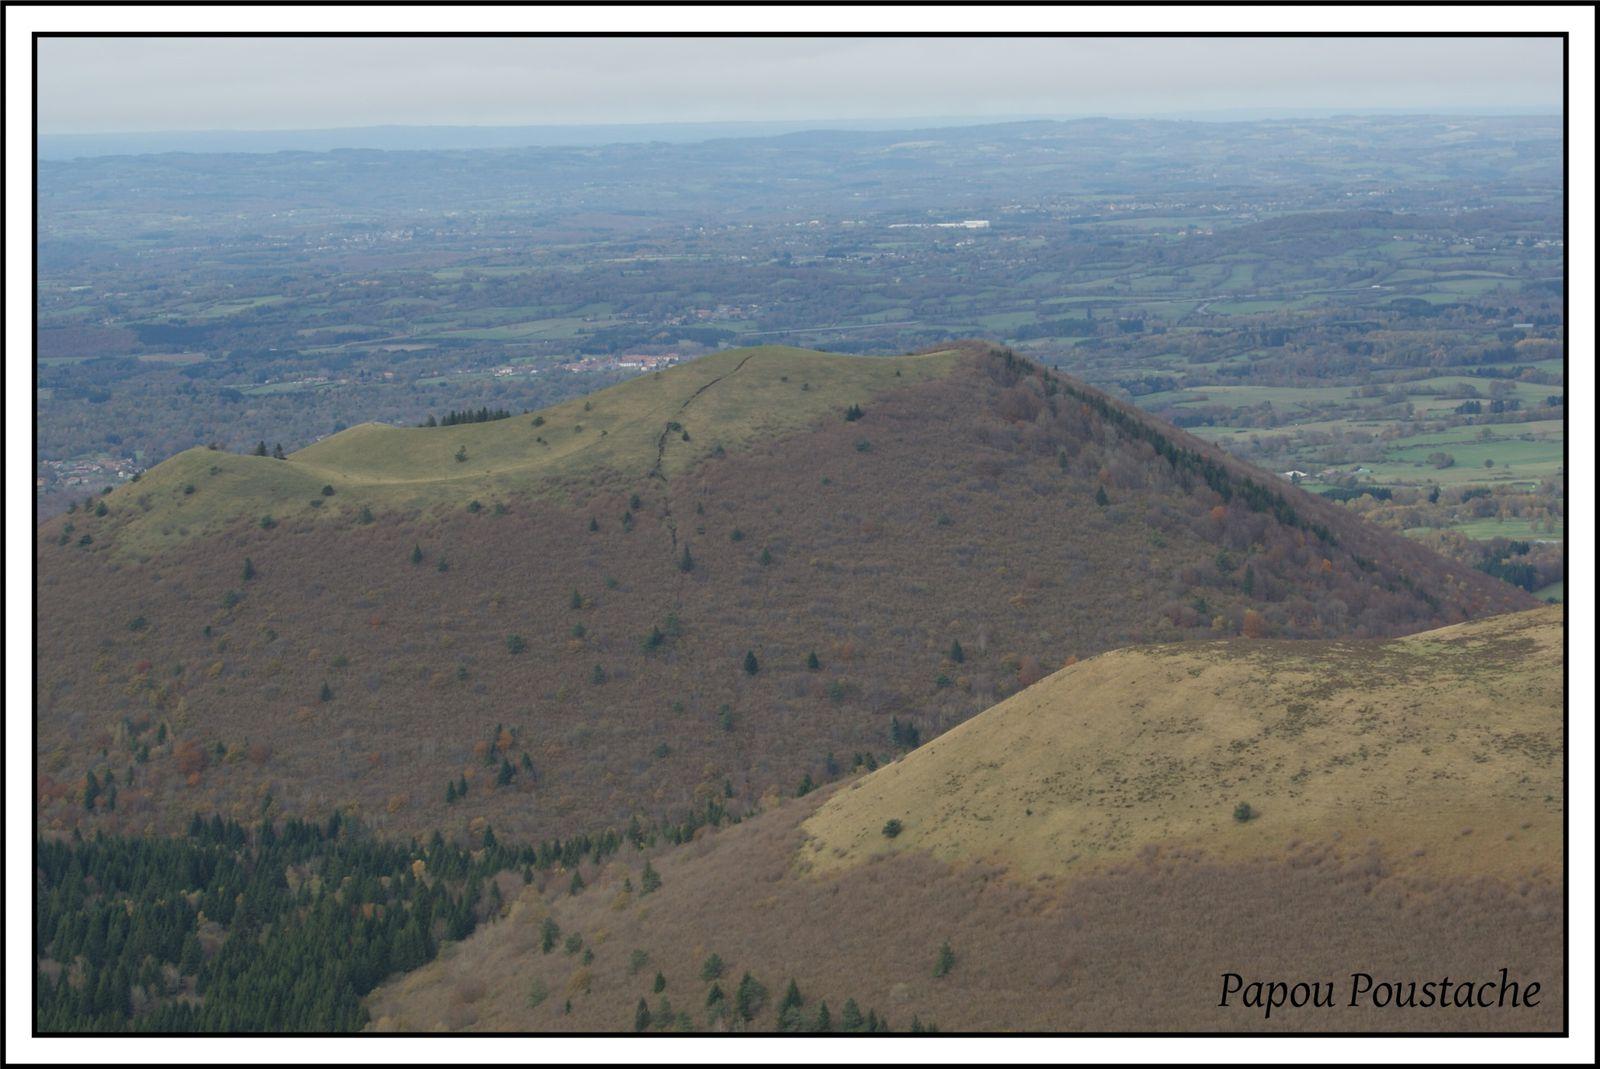 Vues sur les volcans, sur la plaine et les plateaux